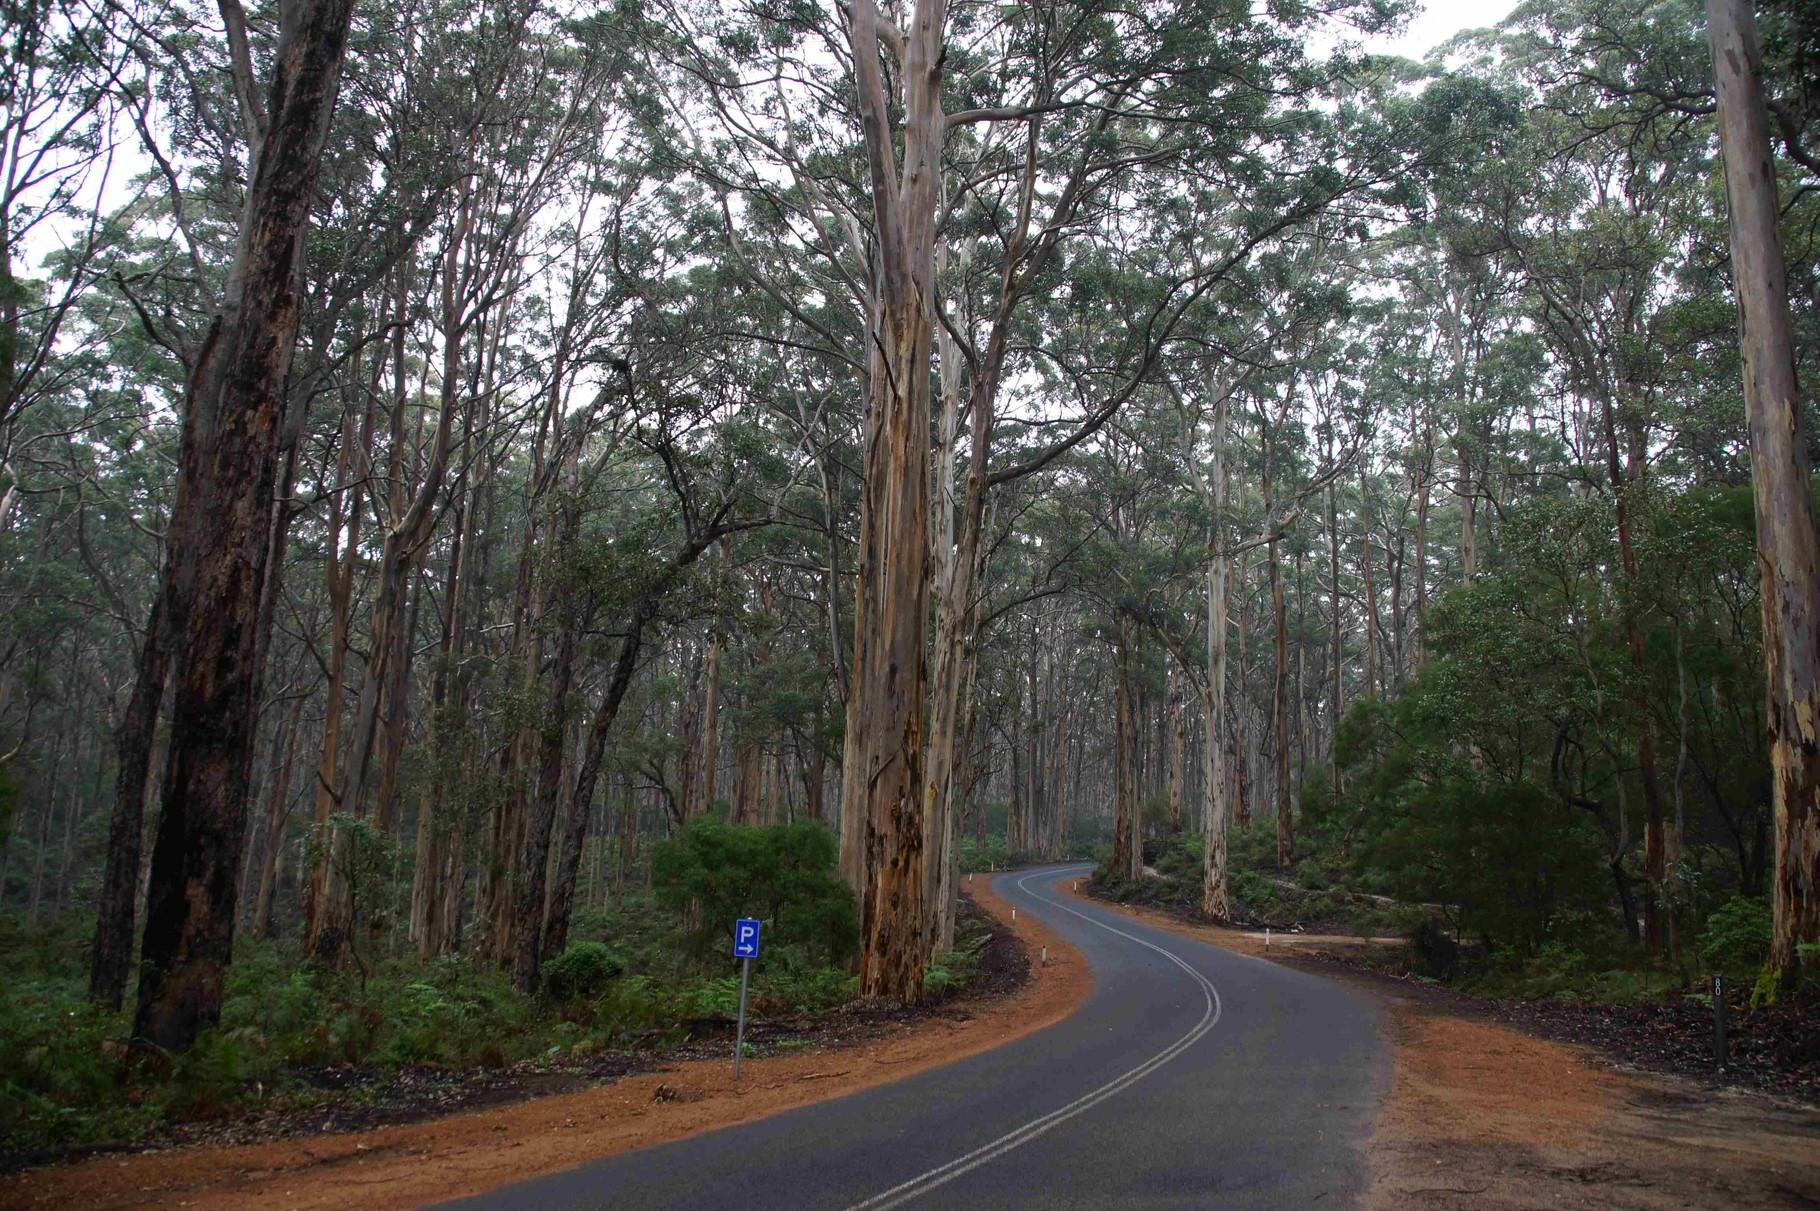 Fahrt durch den Eukalpytuswald in der Nähe von Margaret River, Wa